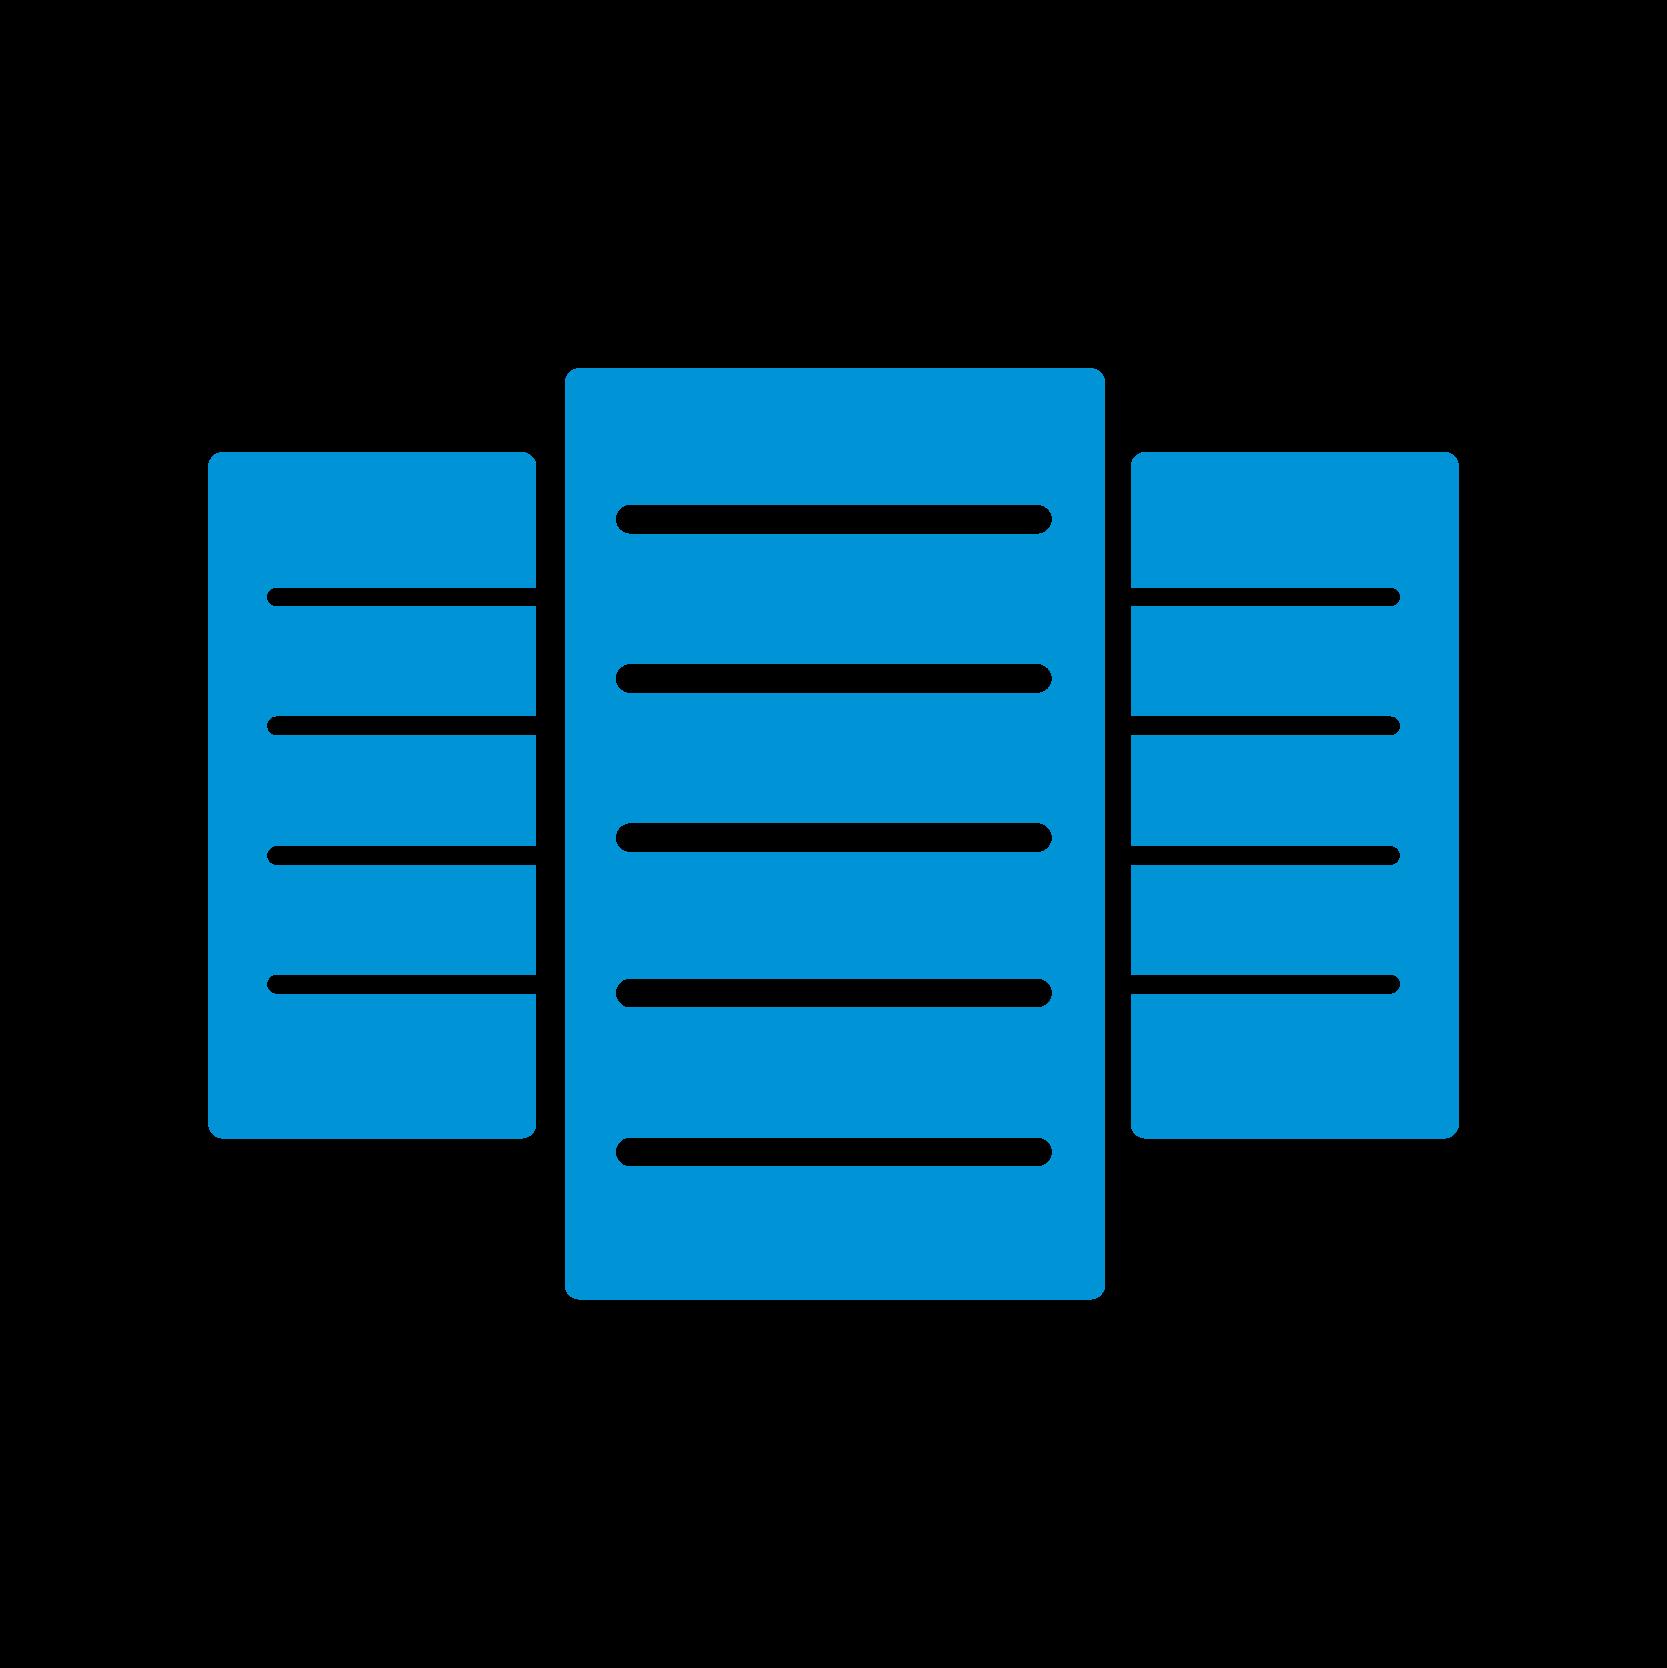 Vertical server stacks